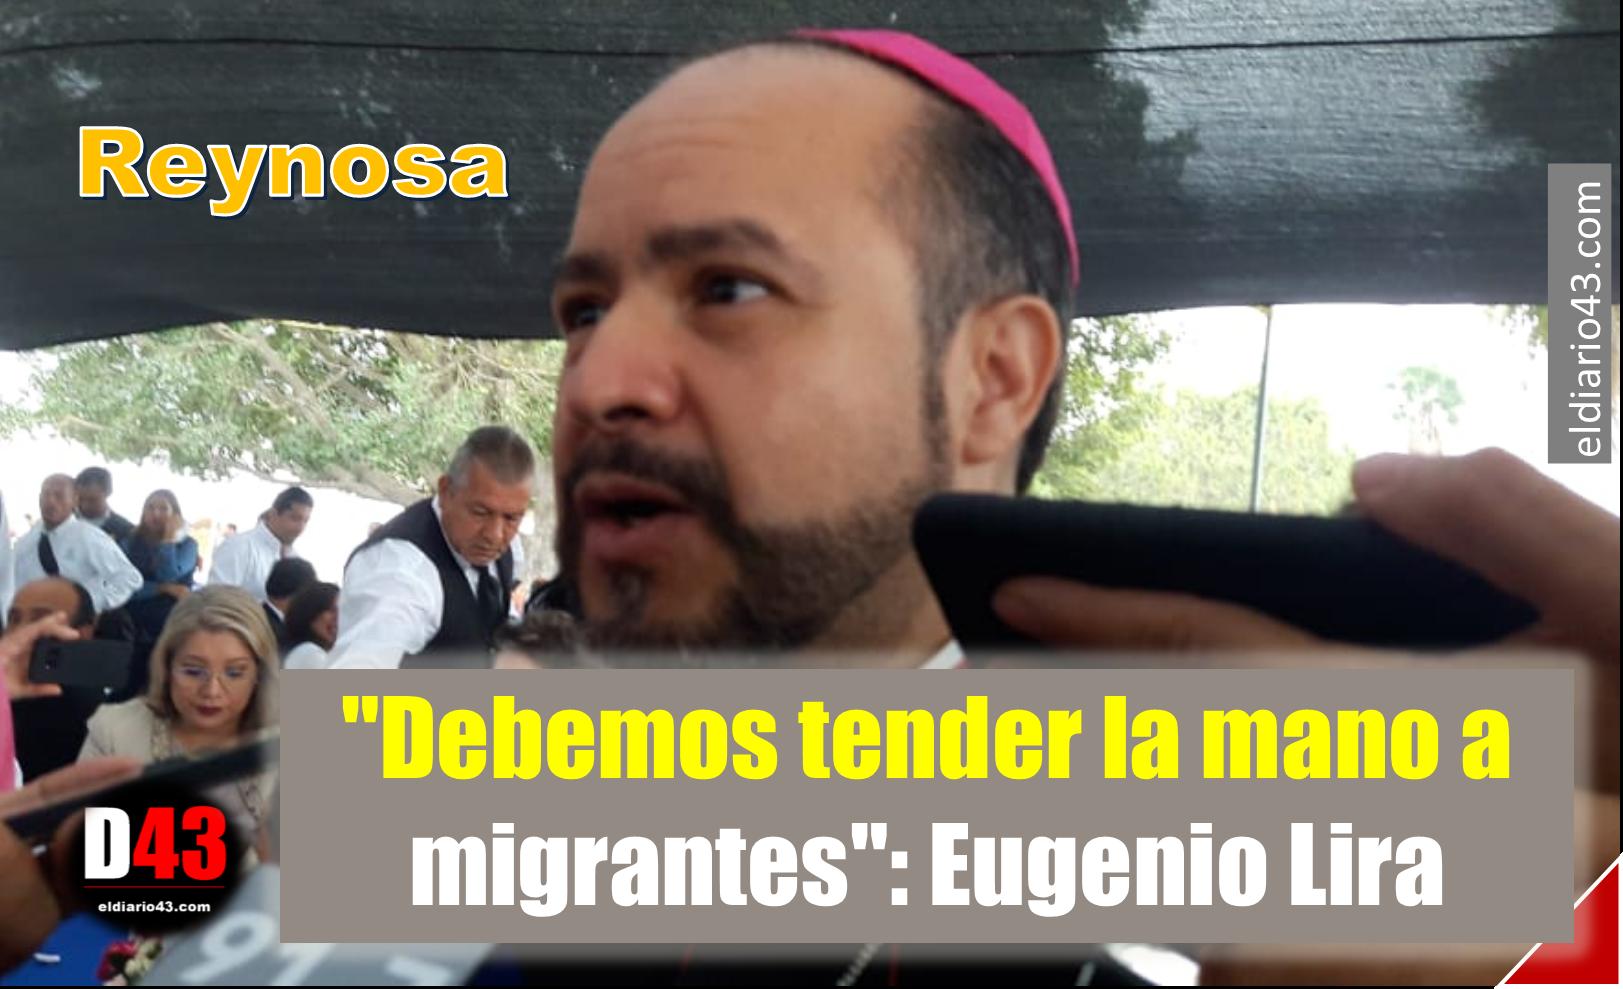 Iglesia Católica exhorta apoyar a Migrantes